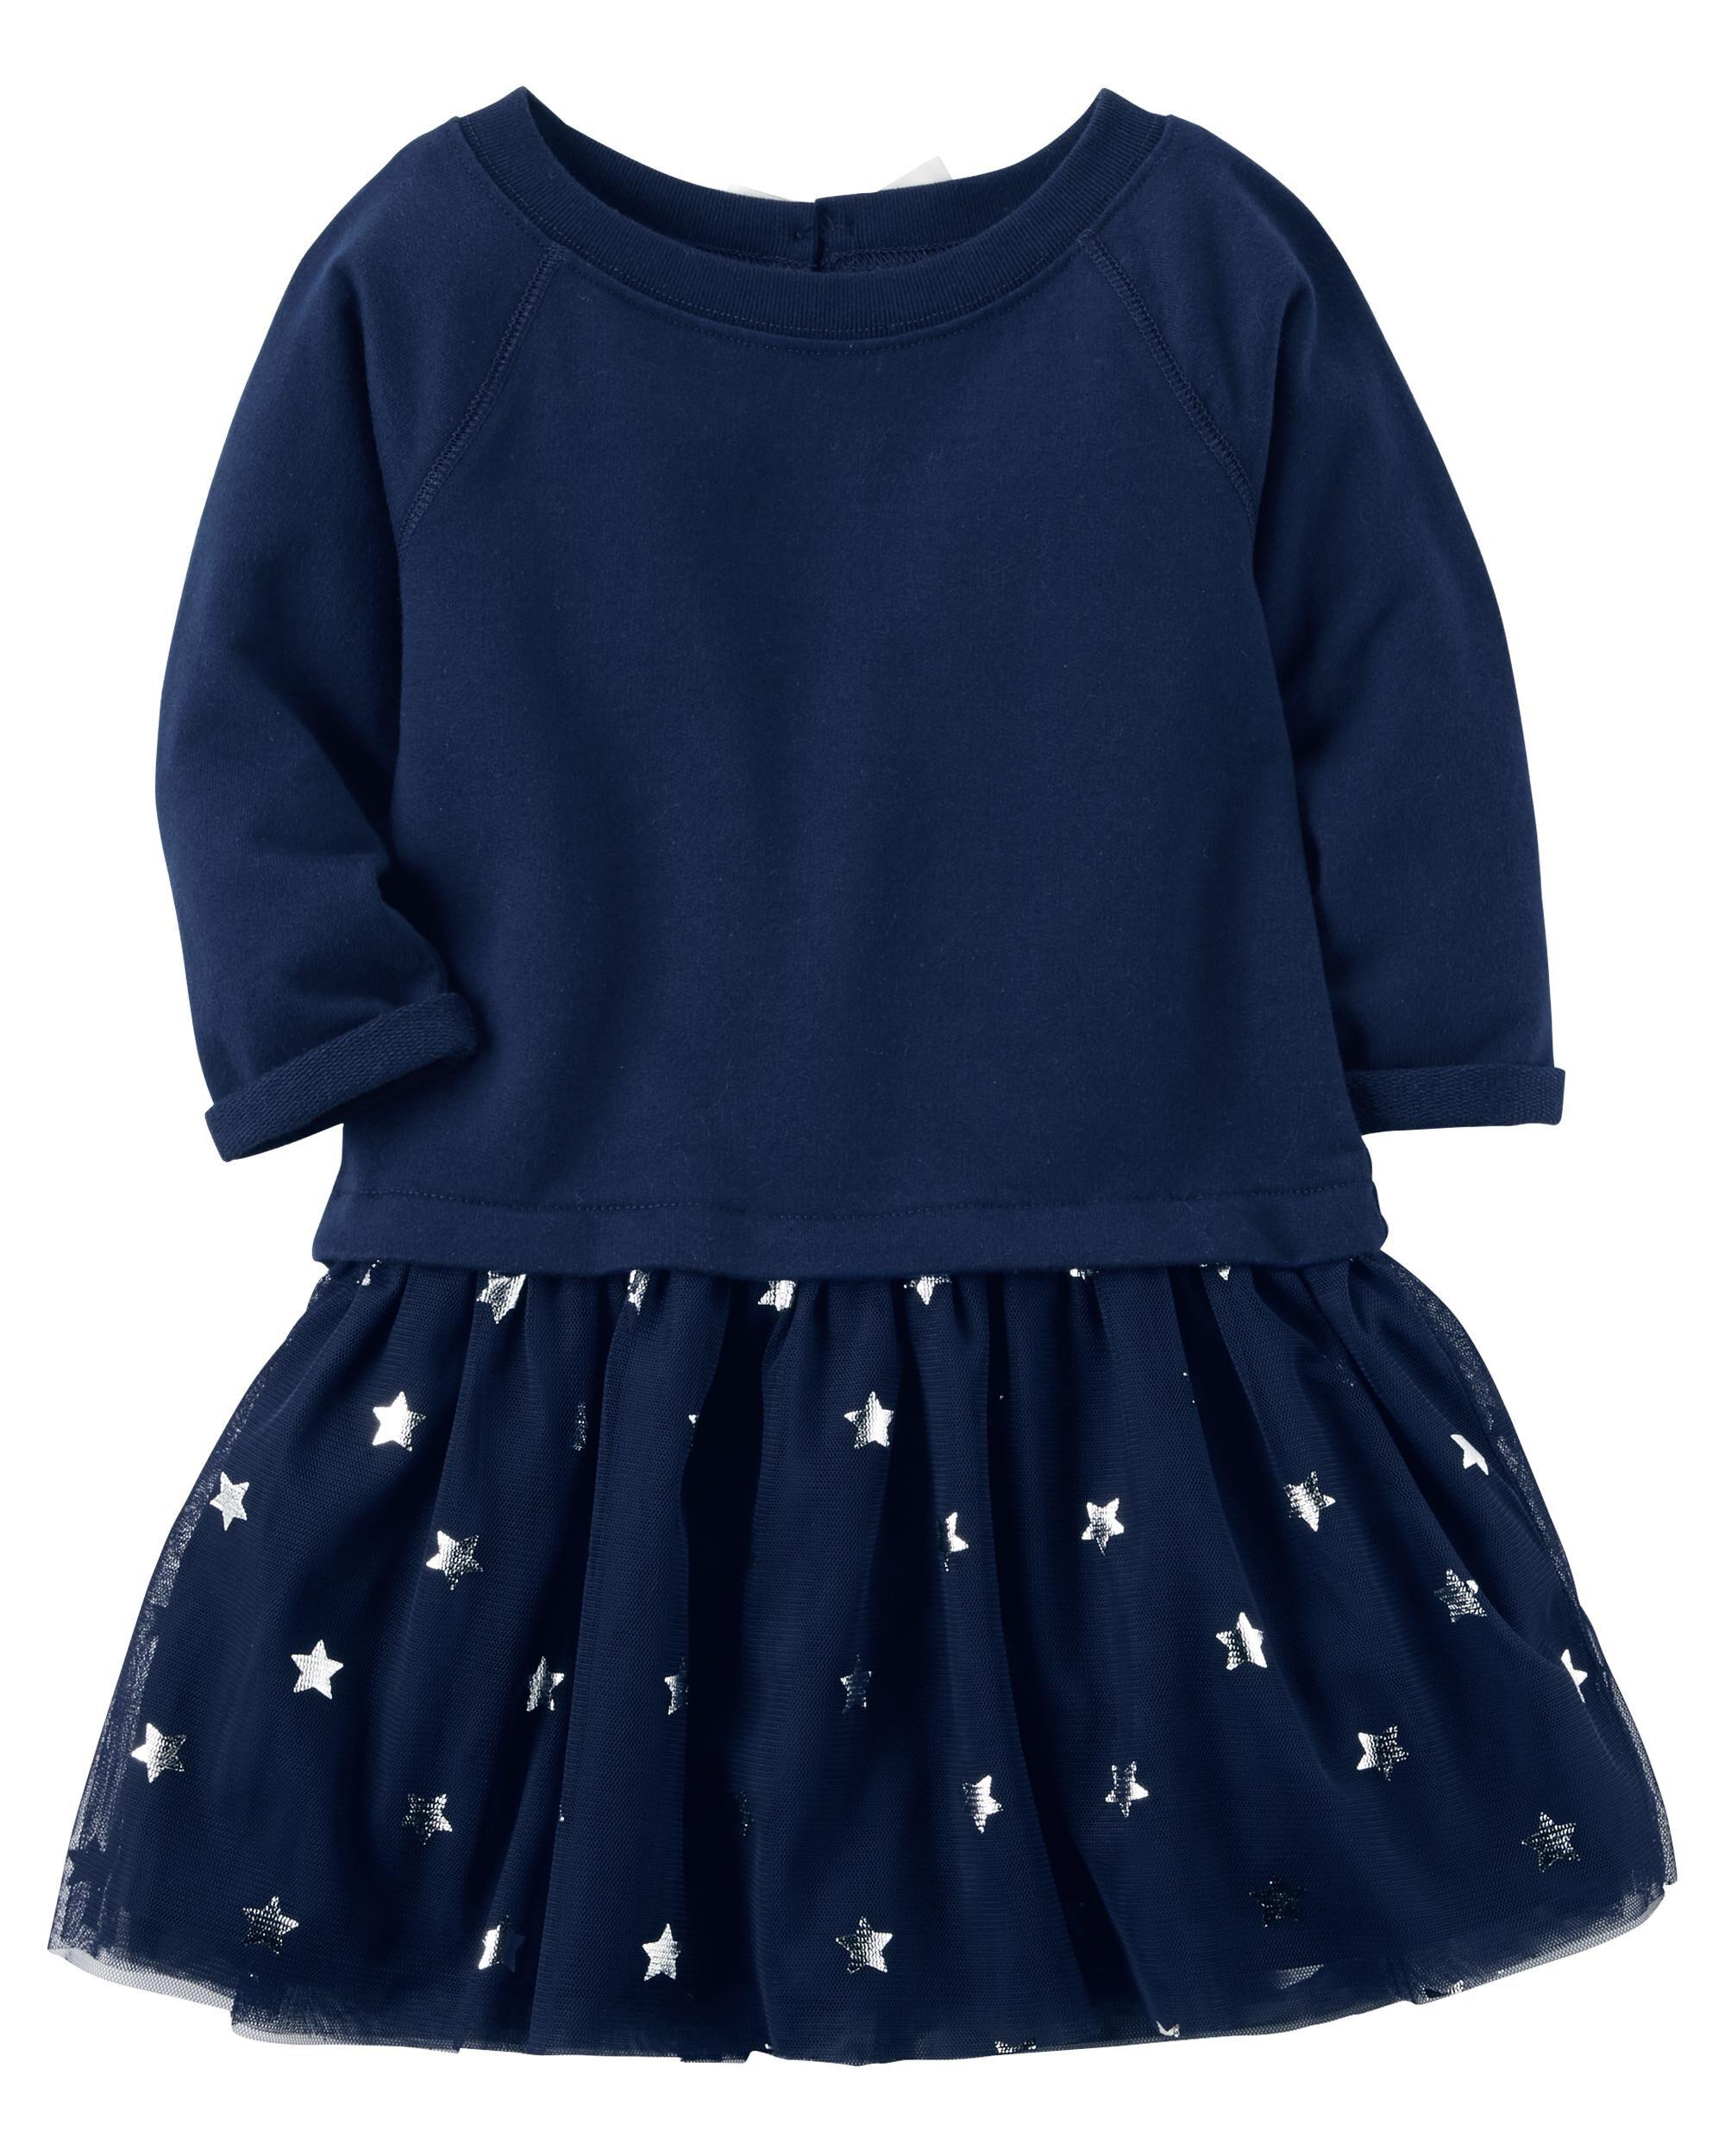 Star Tutu Dress ...  sc 1 st  Carteru0027s & Star Tutu Dress | Carters.com